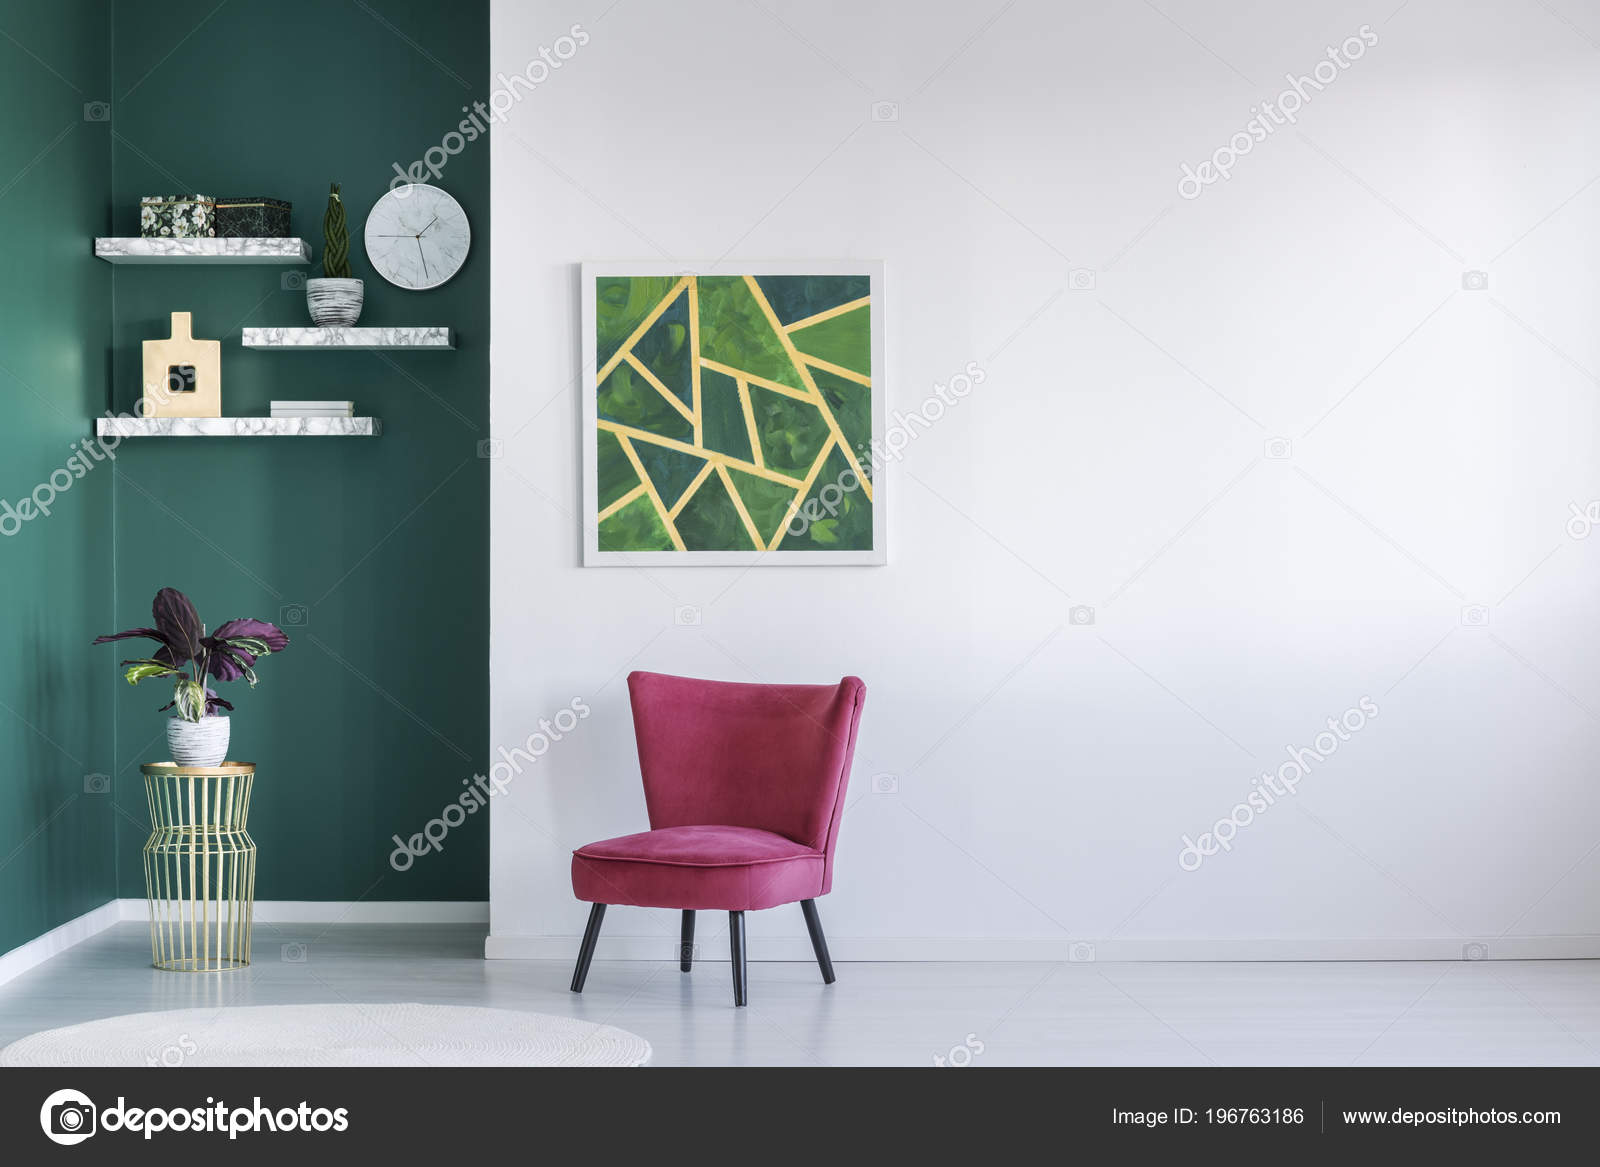 Muur Plank Voor Schilderijen.Moderne Wit Groen Interieur Met Rode Fauteuil Planken Plant